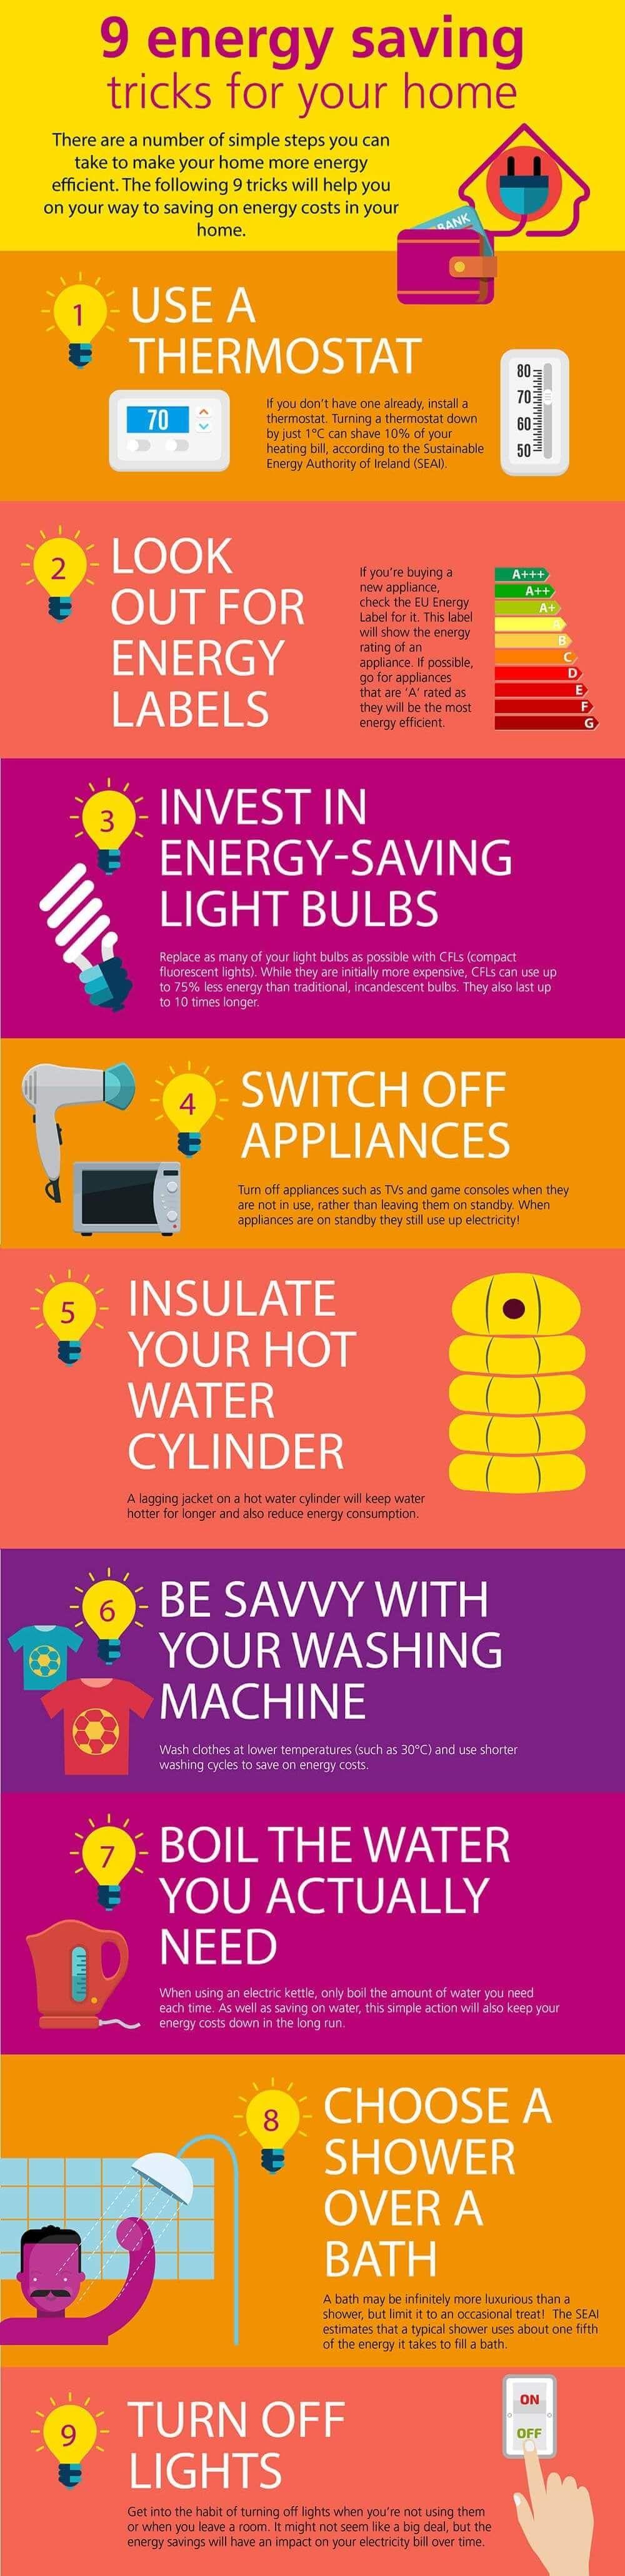 9 energy saving tips for your home energy saving tips